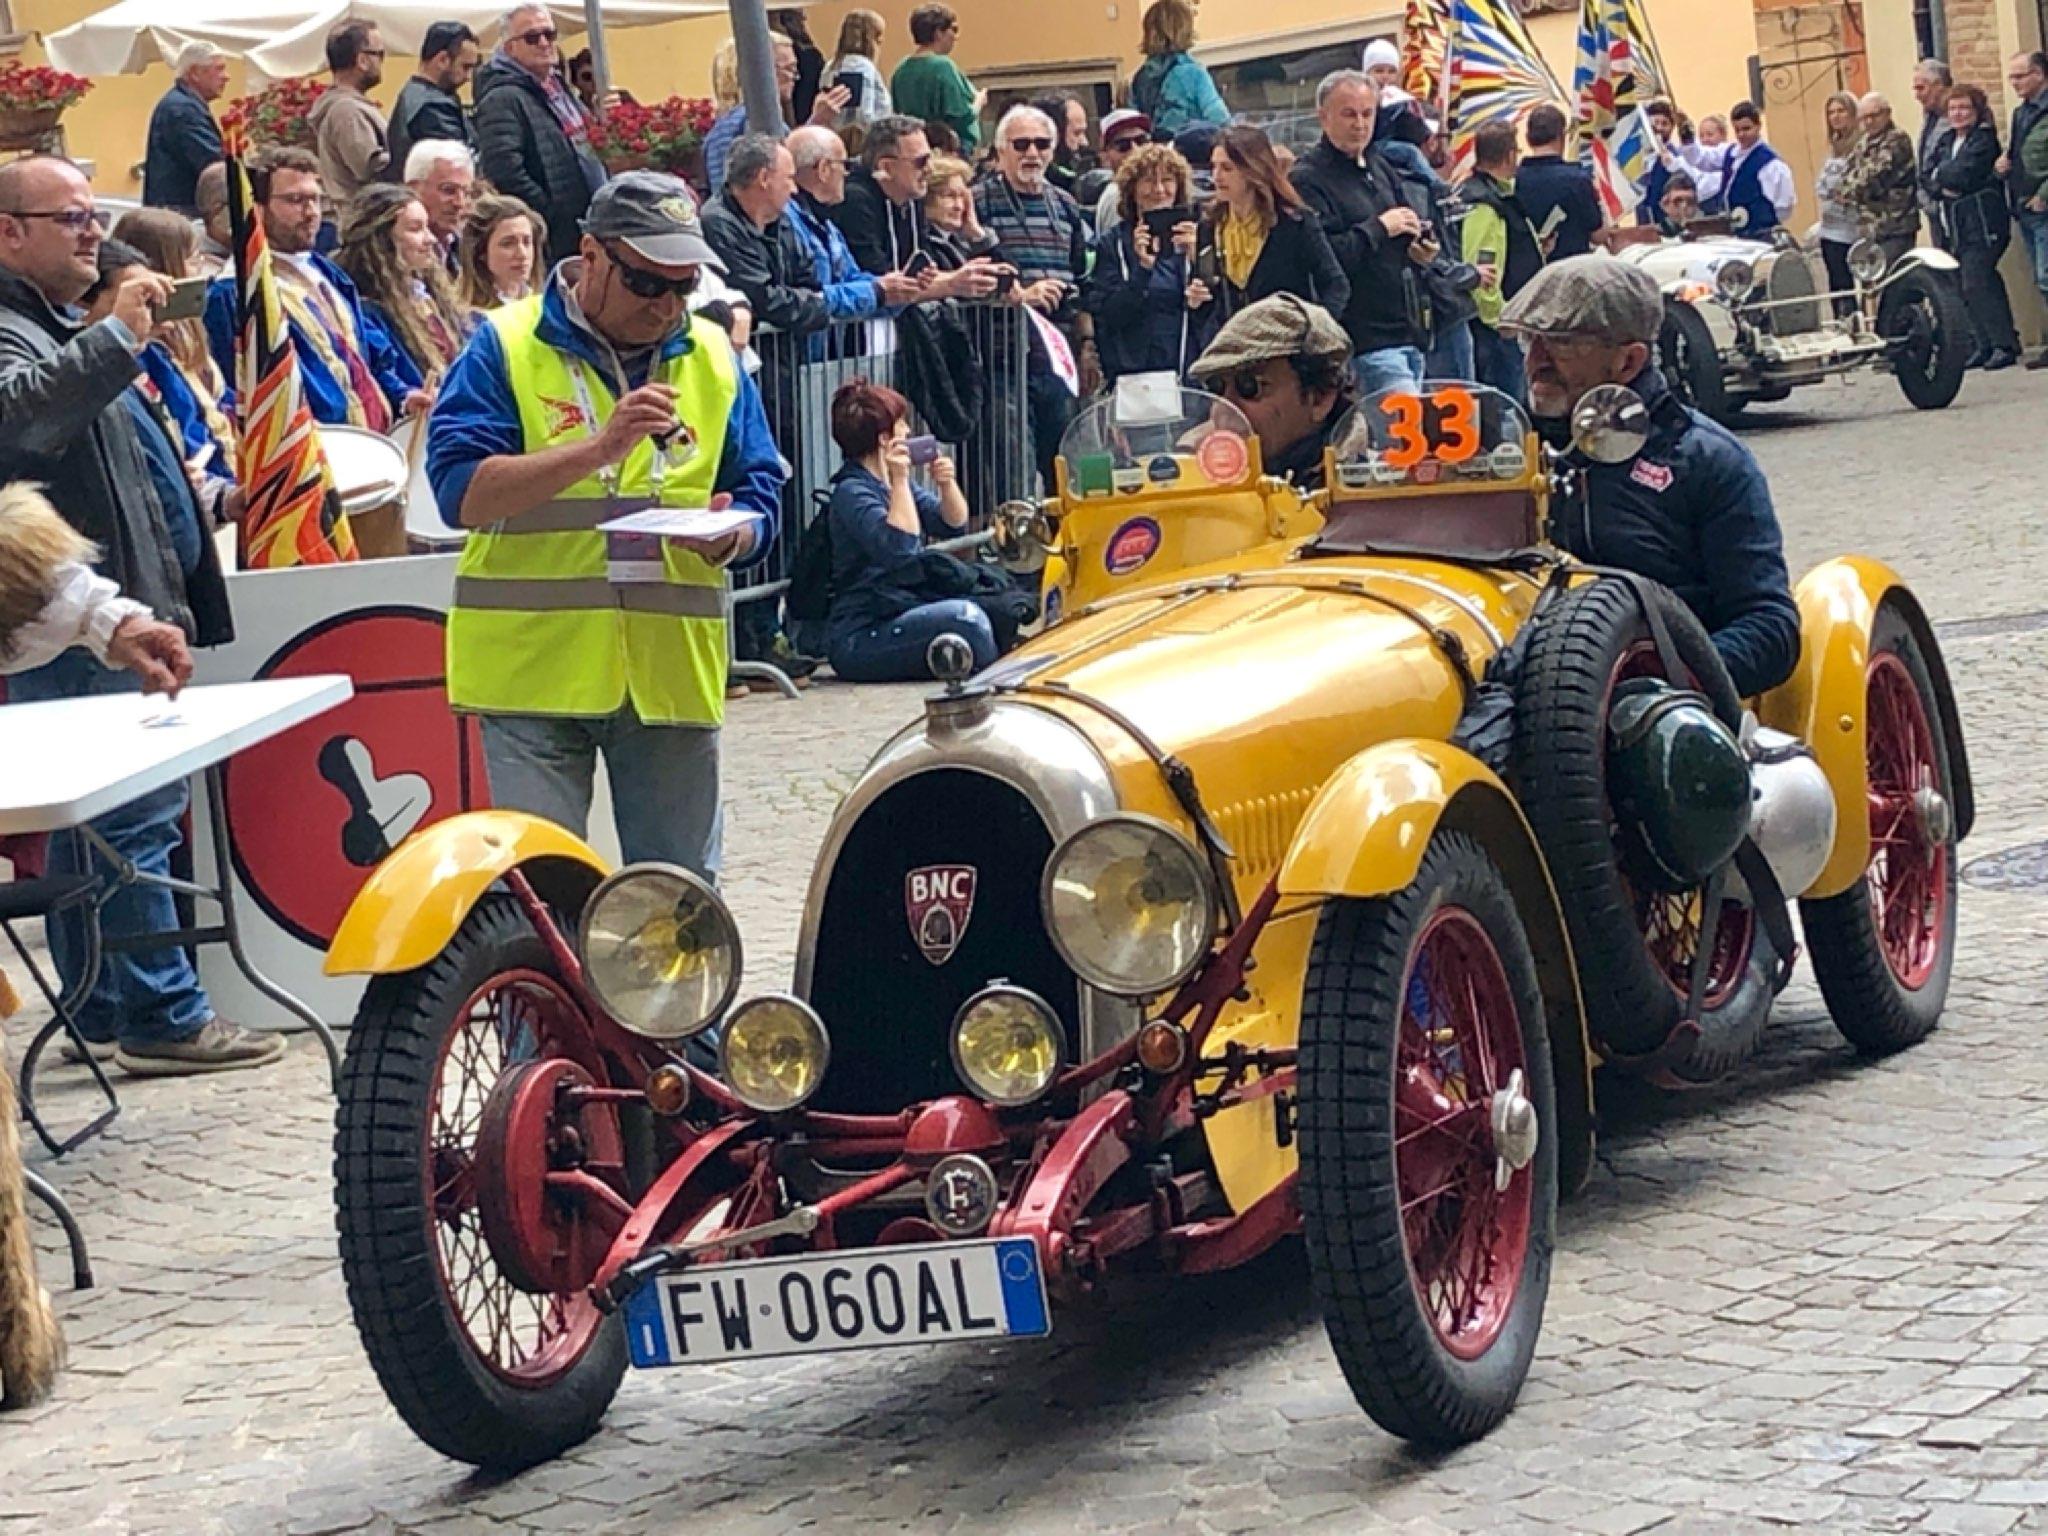 2019 Mille Miglia B.N.C Monza